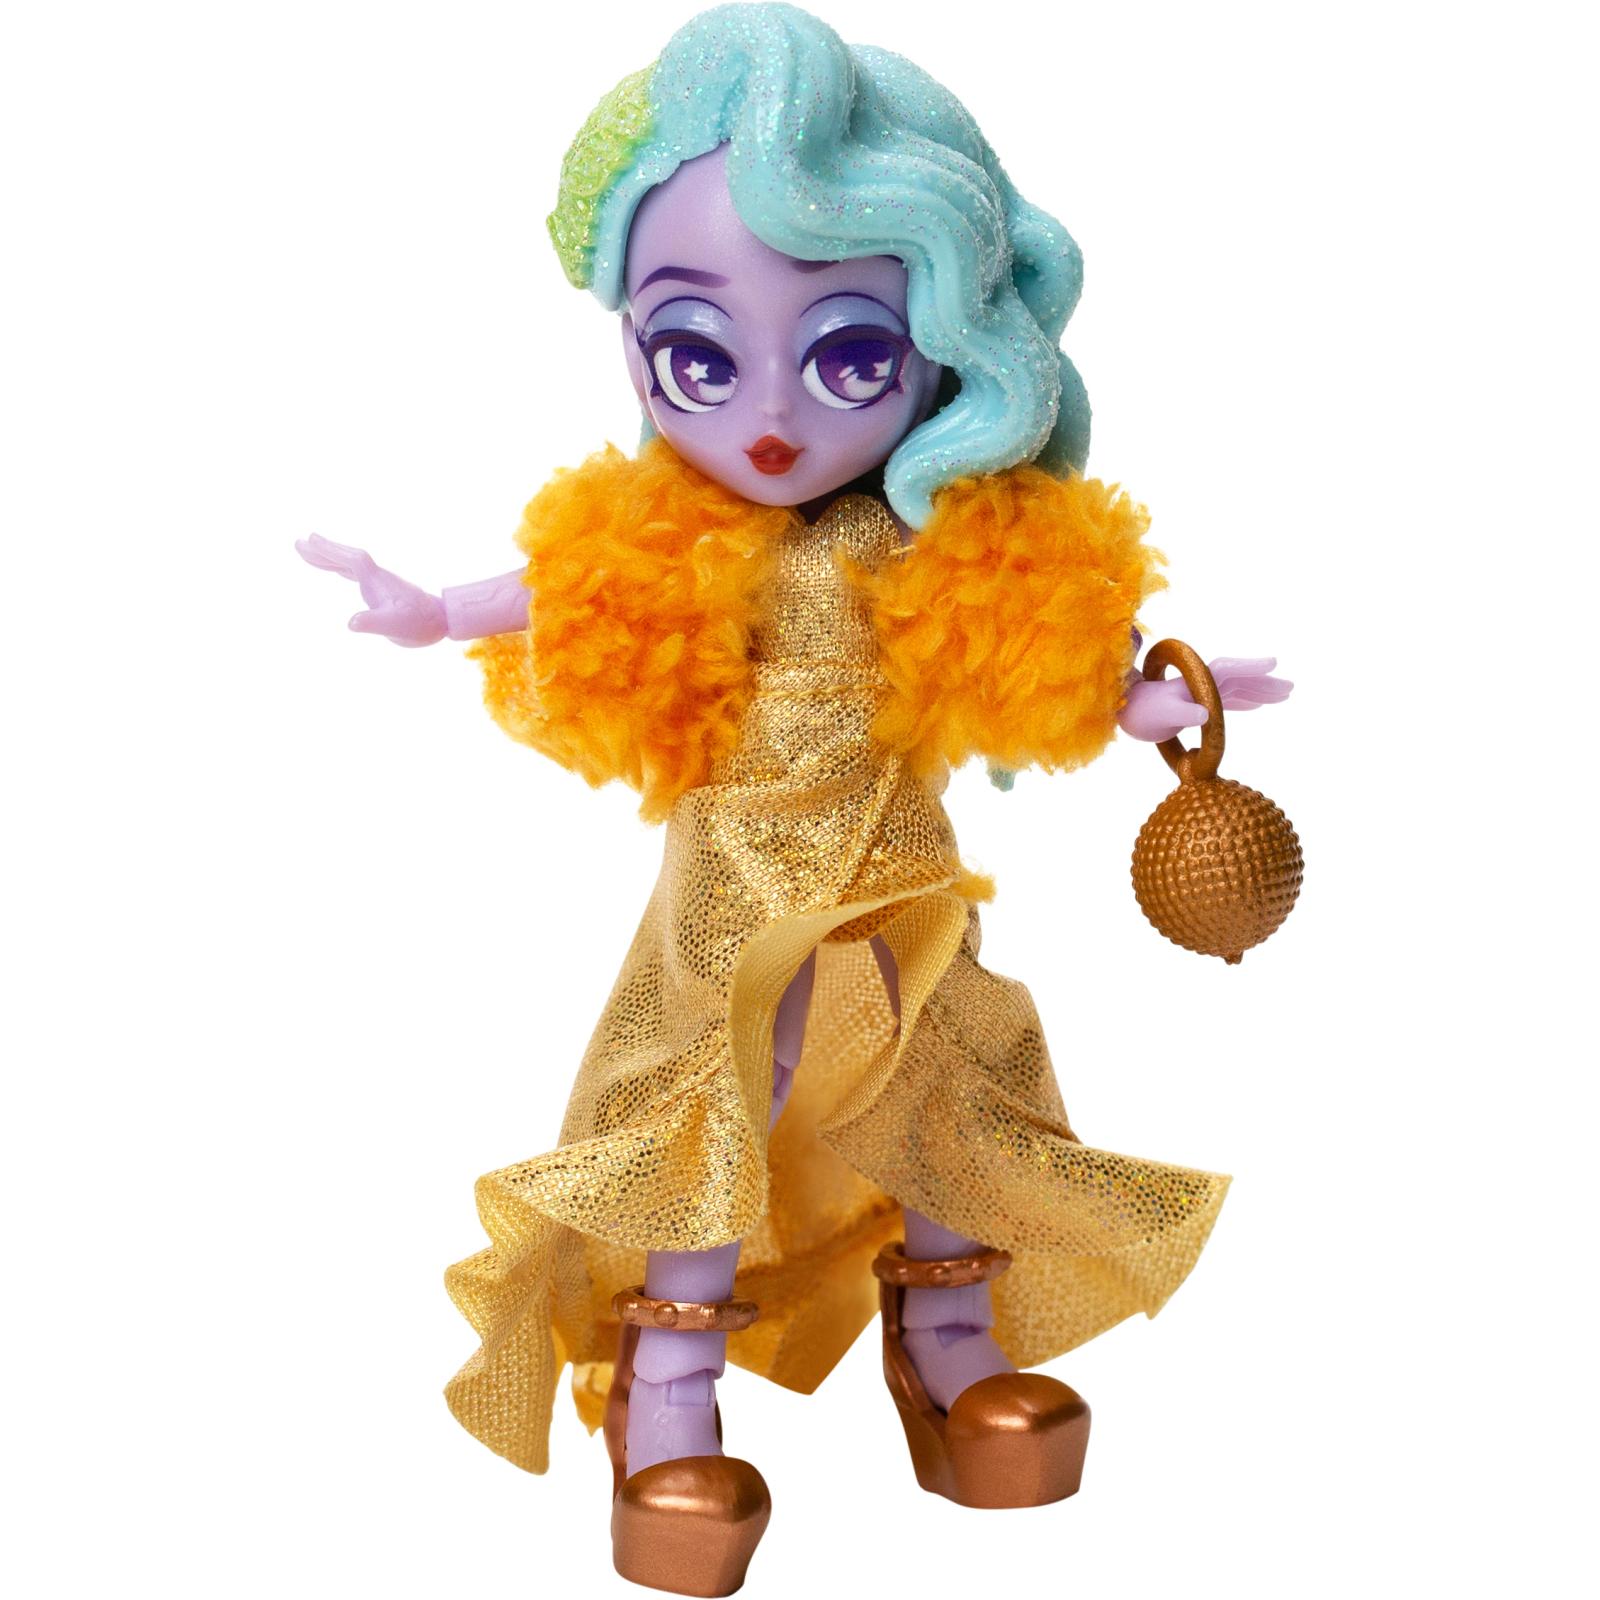 Игровой набор Moose сюрприз Capsule Chix Giga Glam с куклой (59201) изображение 4